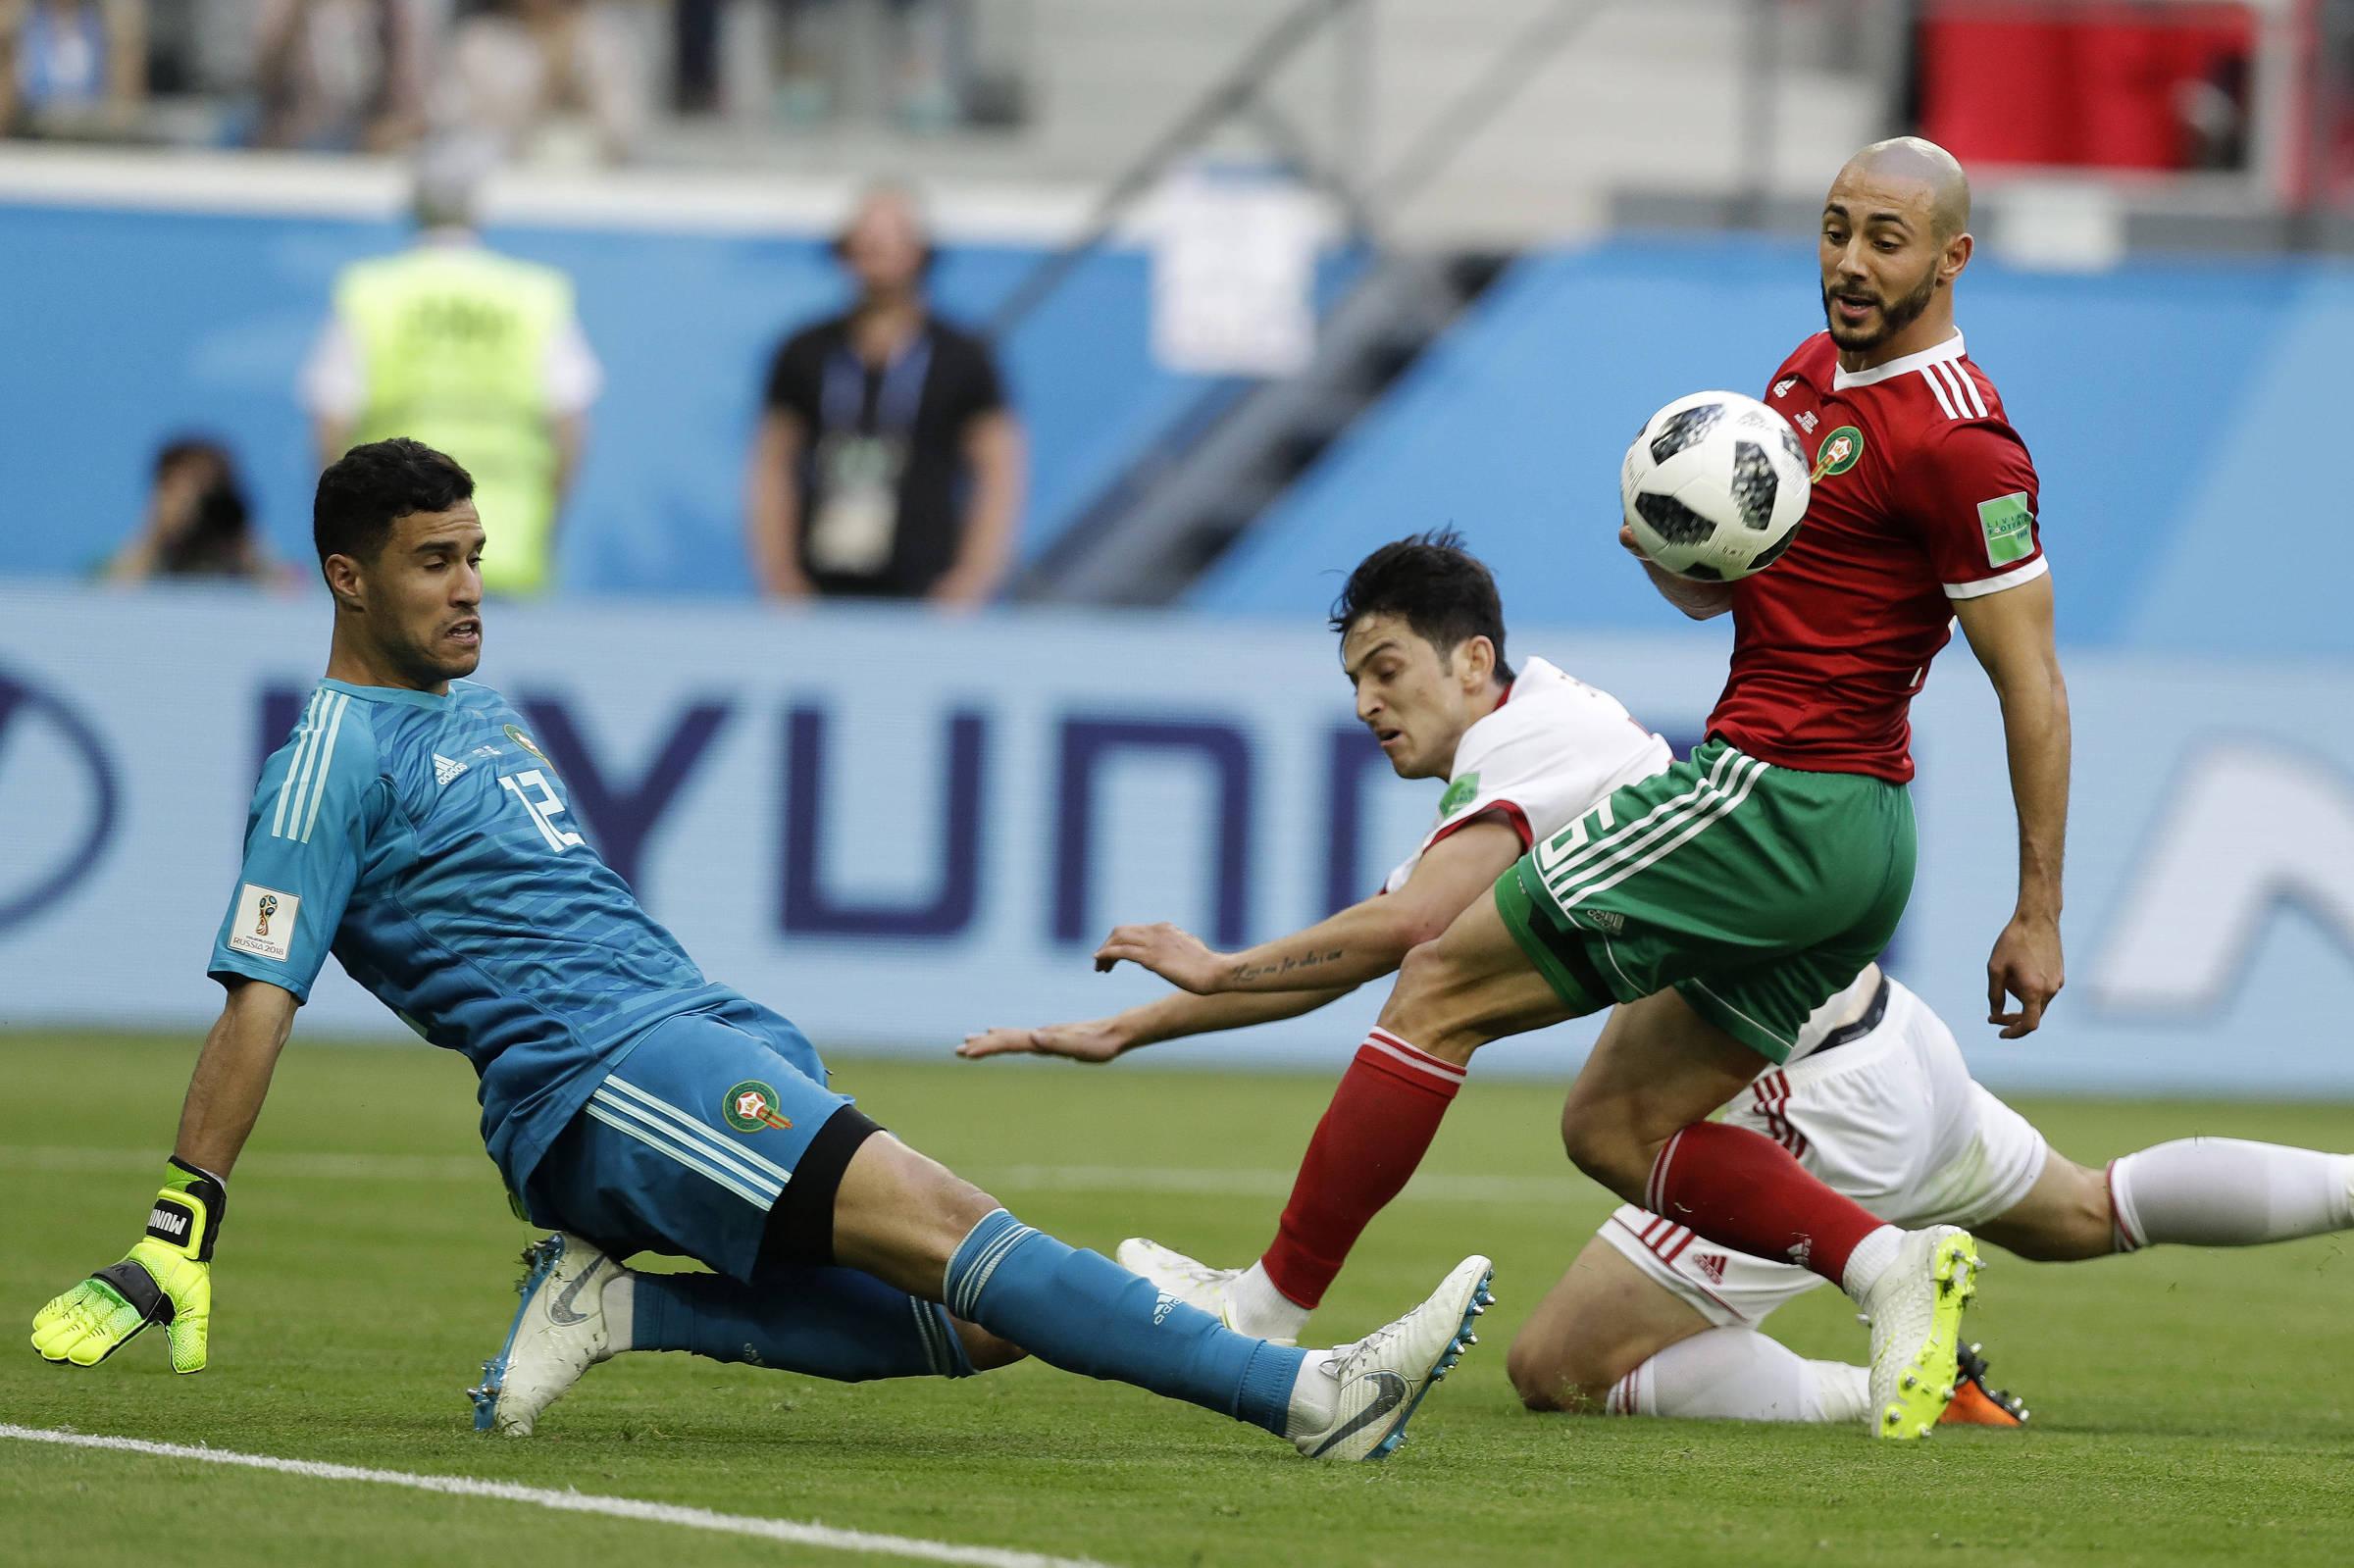 b9adf93c5f4fa Marrocos tem um time importado para jogar a Copa do Mundo - 18 06 2018 -  Esporte - Folha